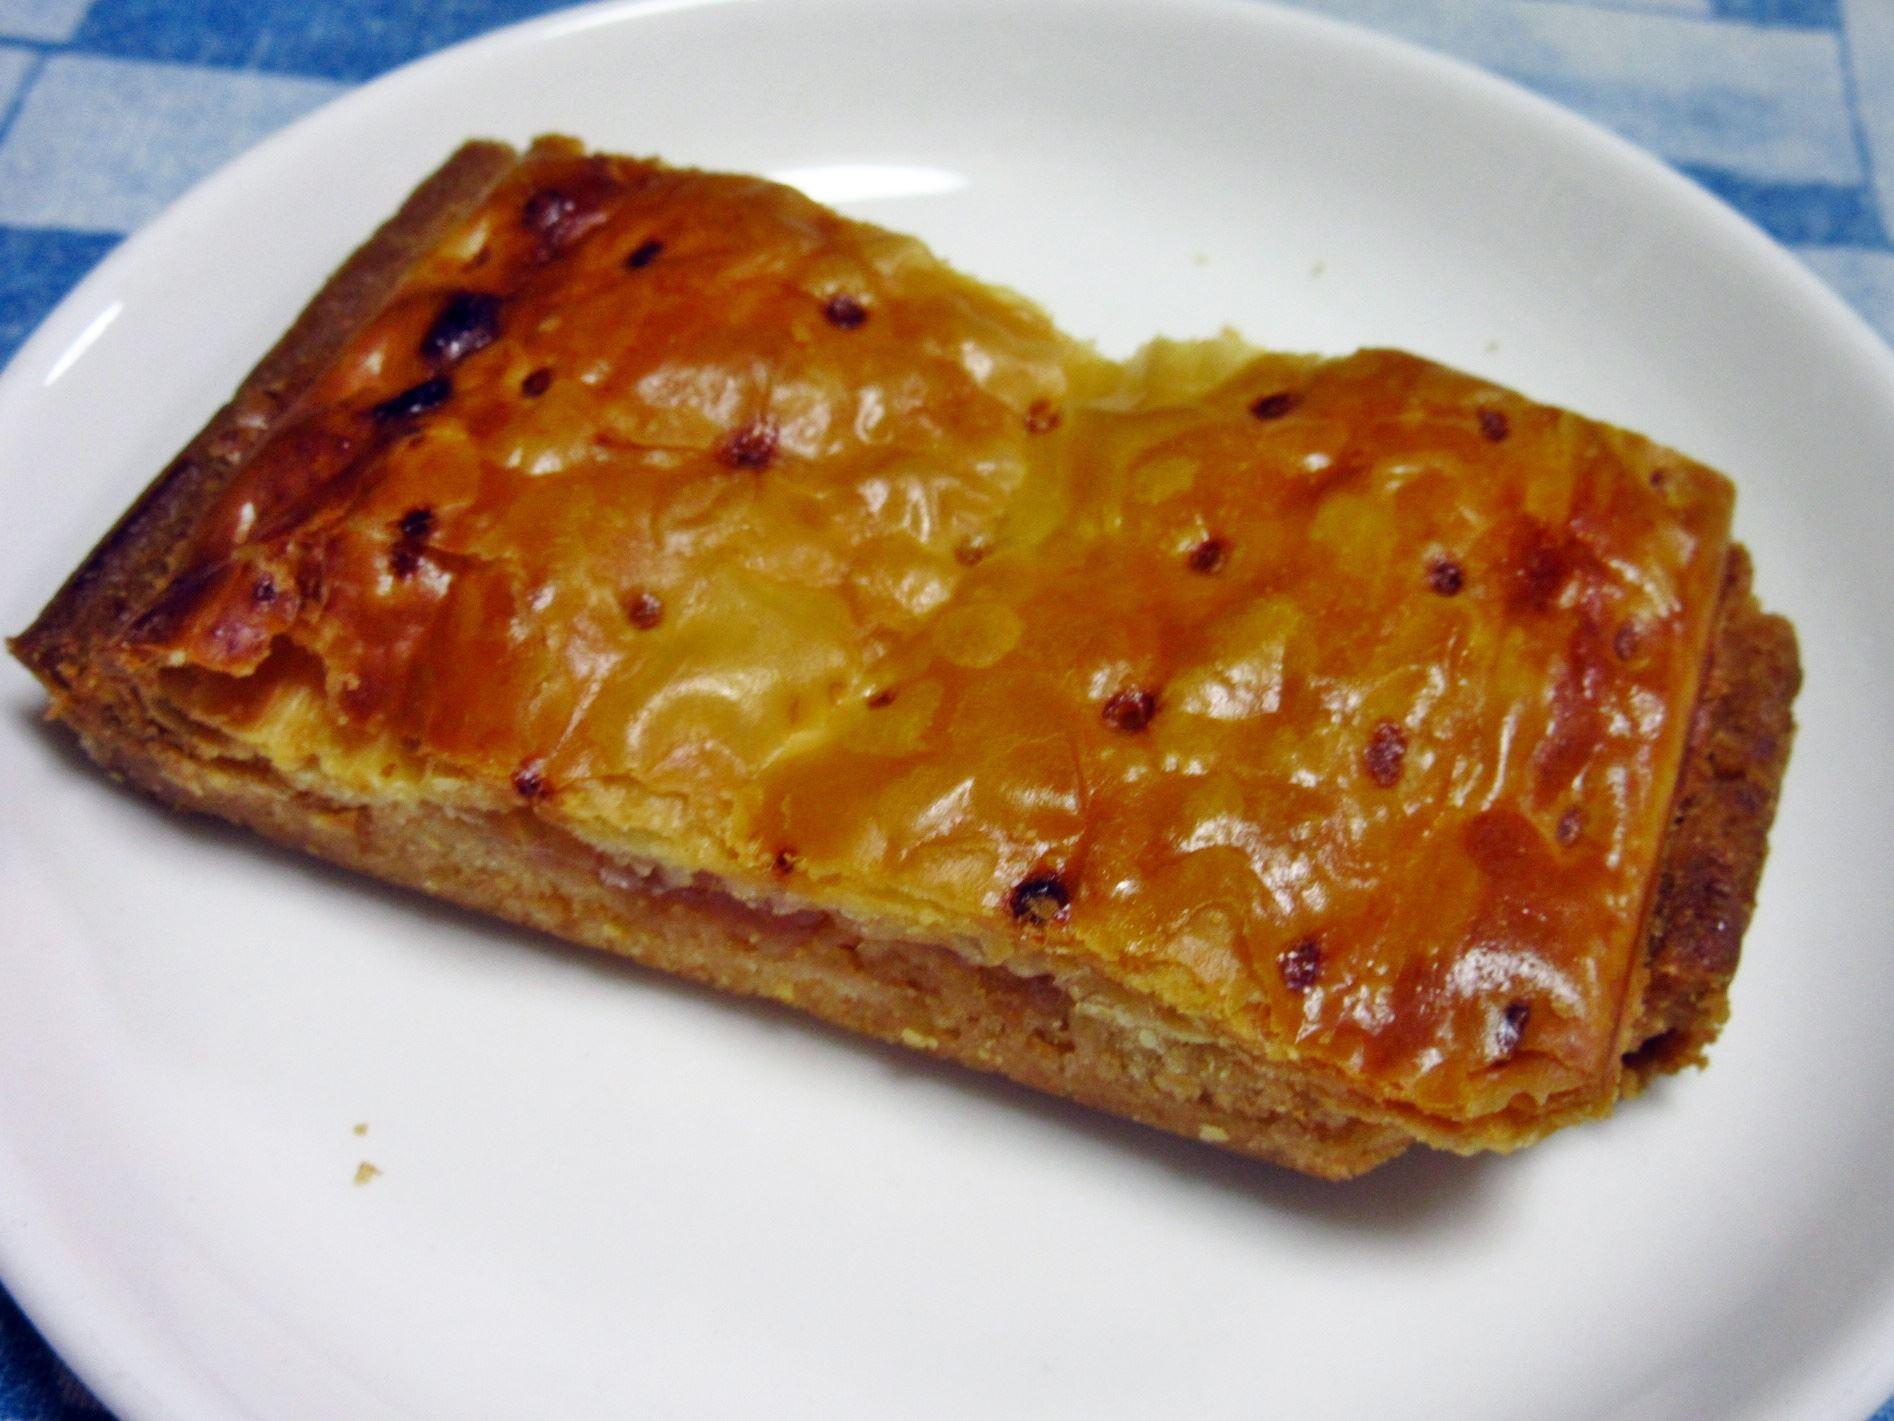 FOUNDRY(ファウンドリー)国産林檎のバターサブレ